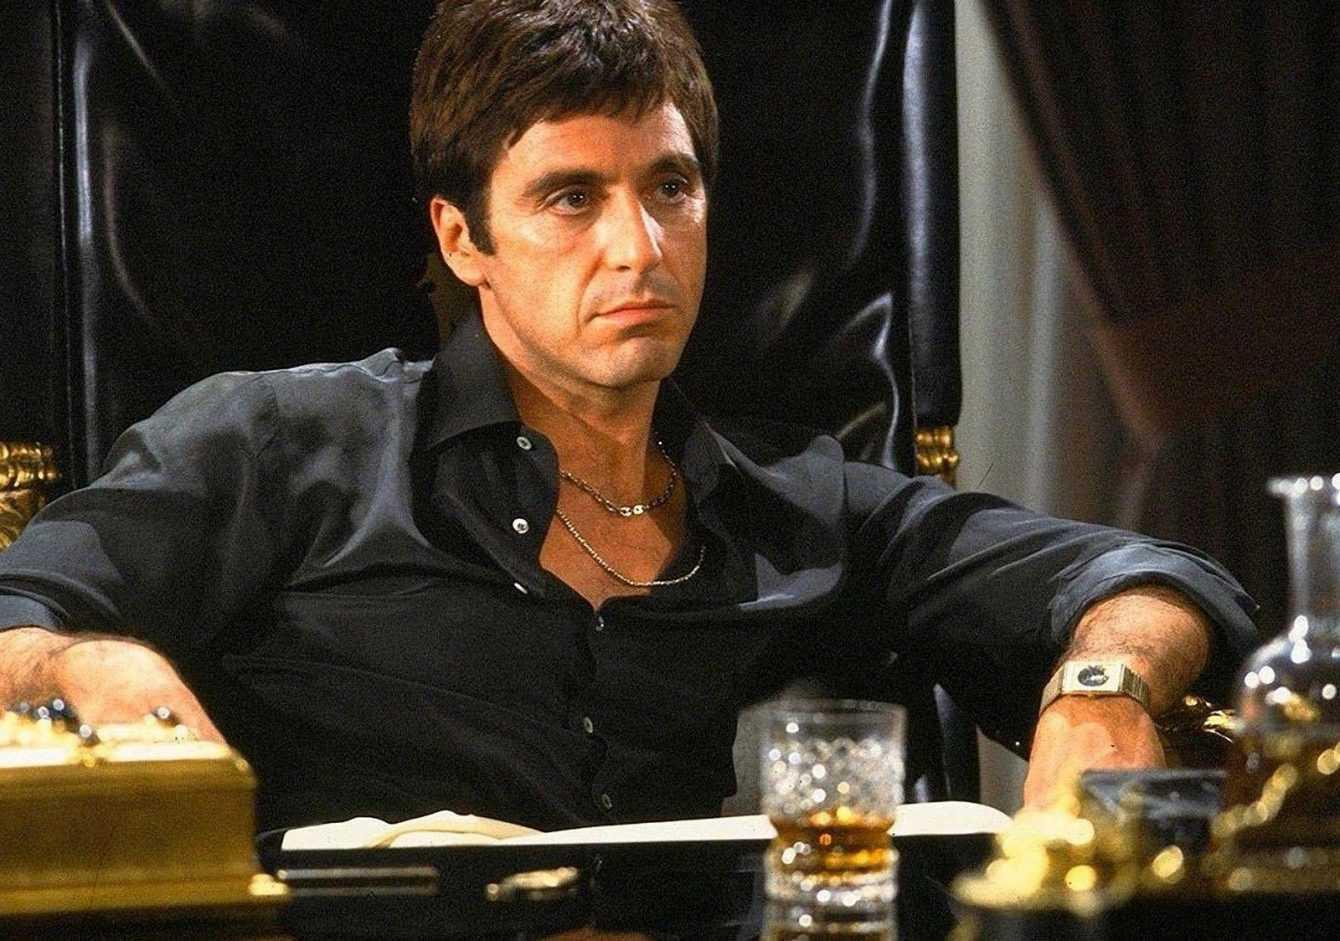 Il Padrino, Scarface, Carlito's Way: Al Pacino compie 80 anni